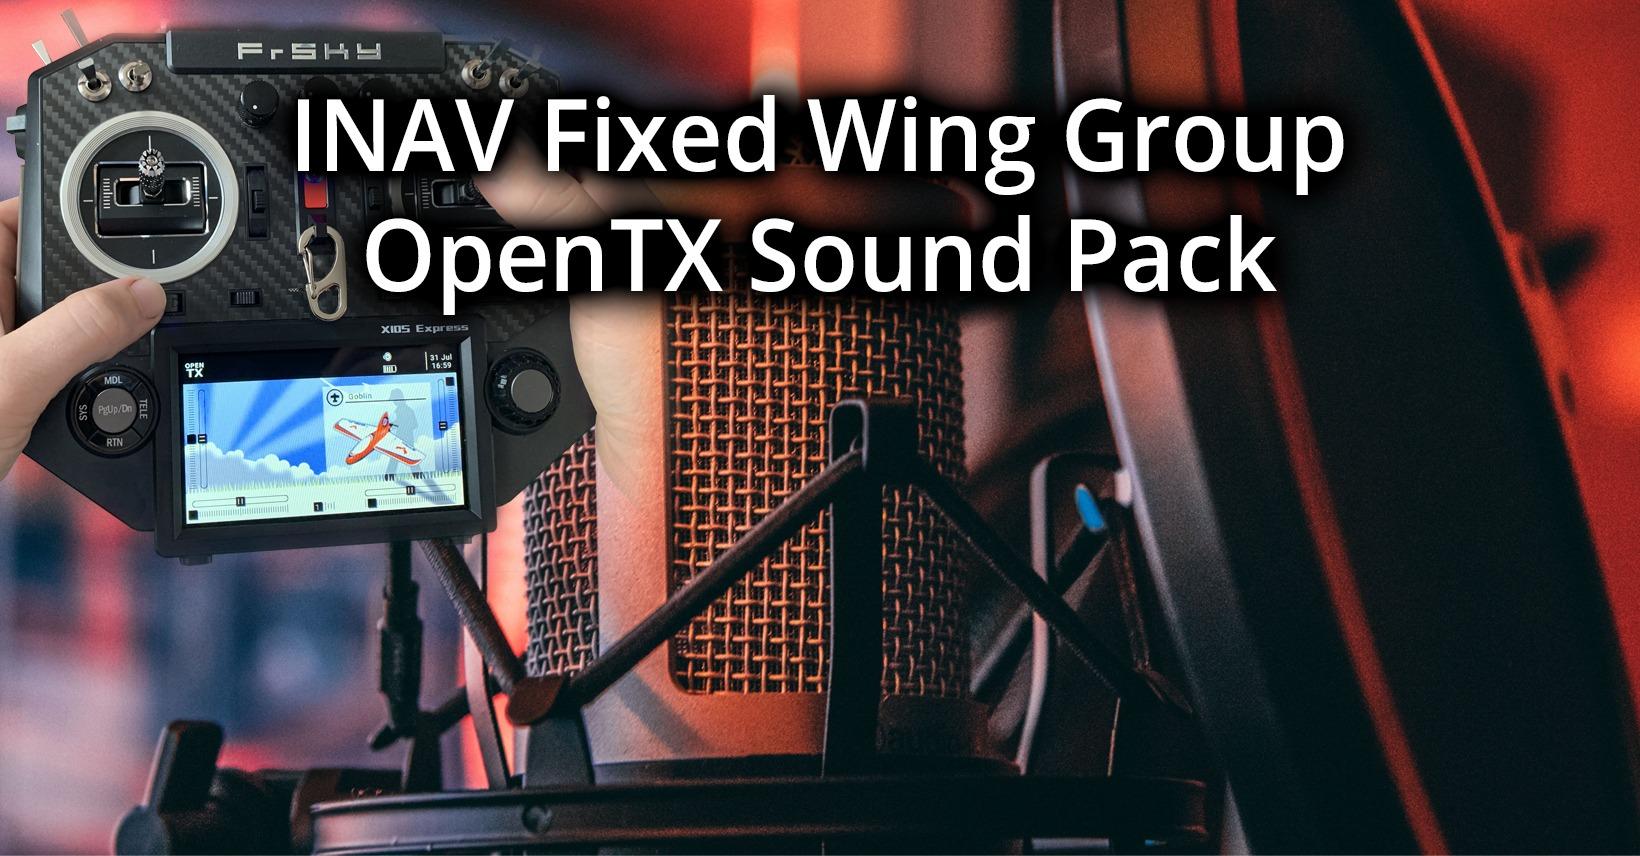 OpenTX Sound Pack